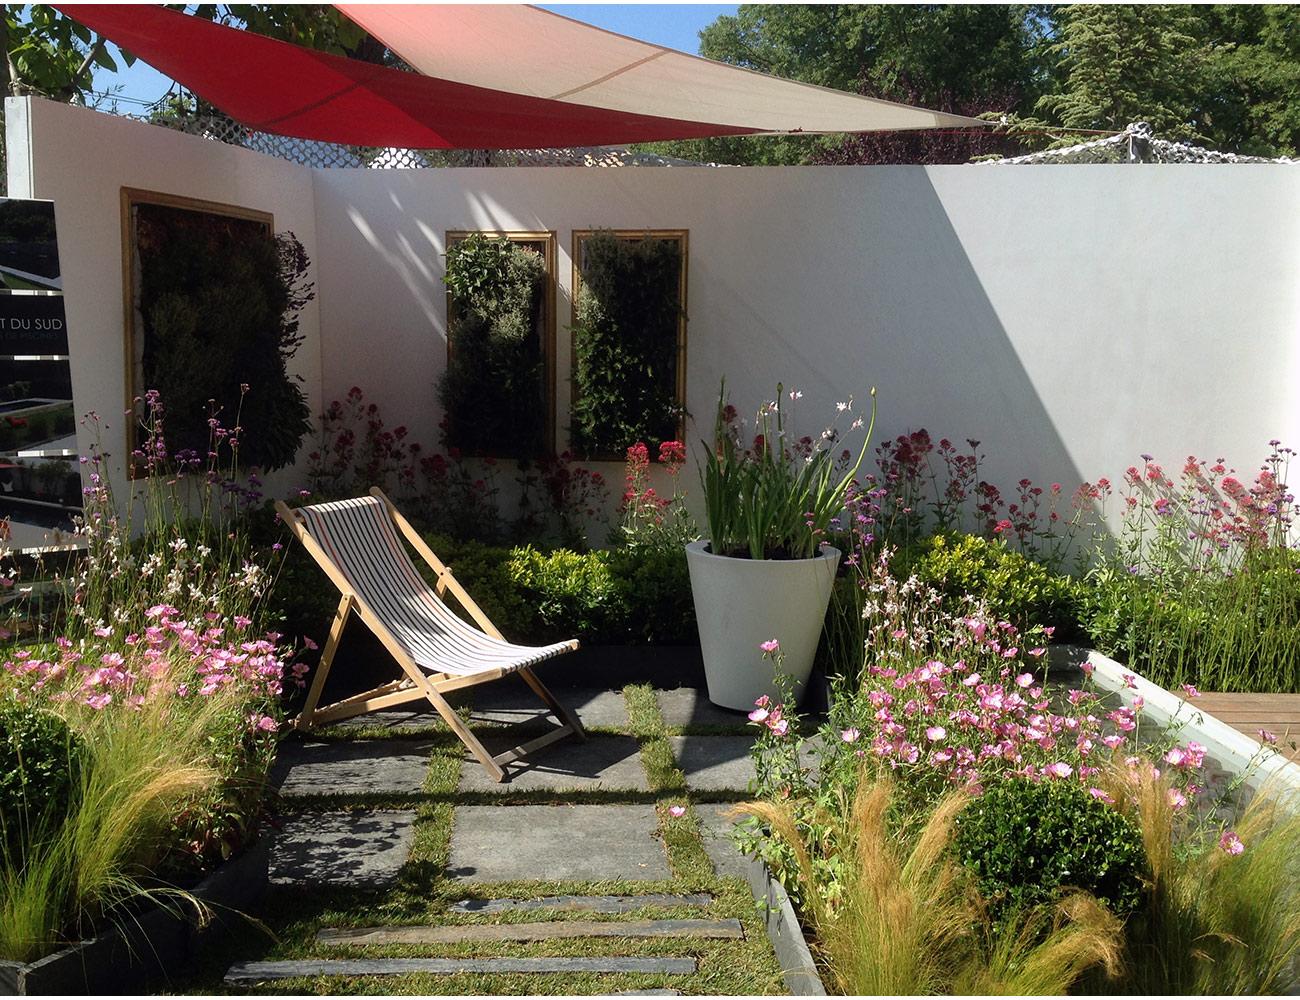 Bassin De Jardin Design Zen jardin éphémère design et convivial - paysagiste montpellier